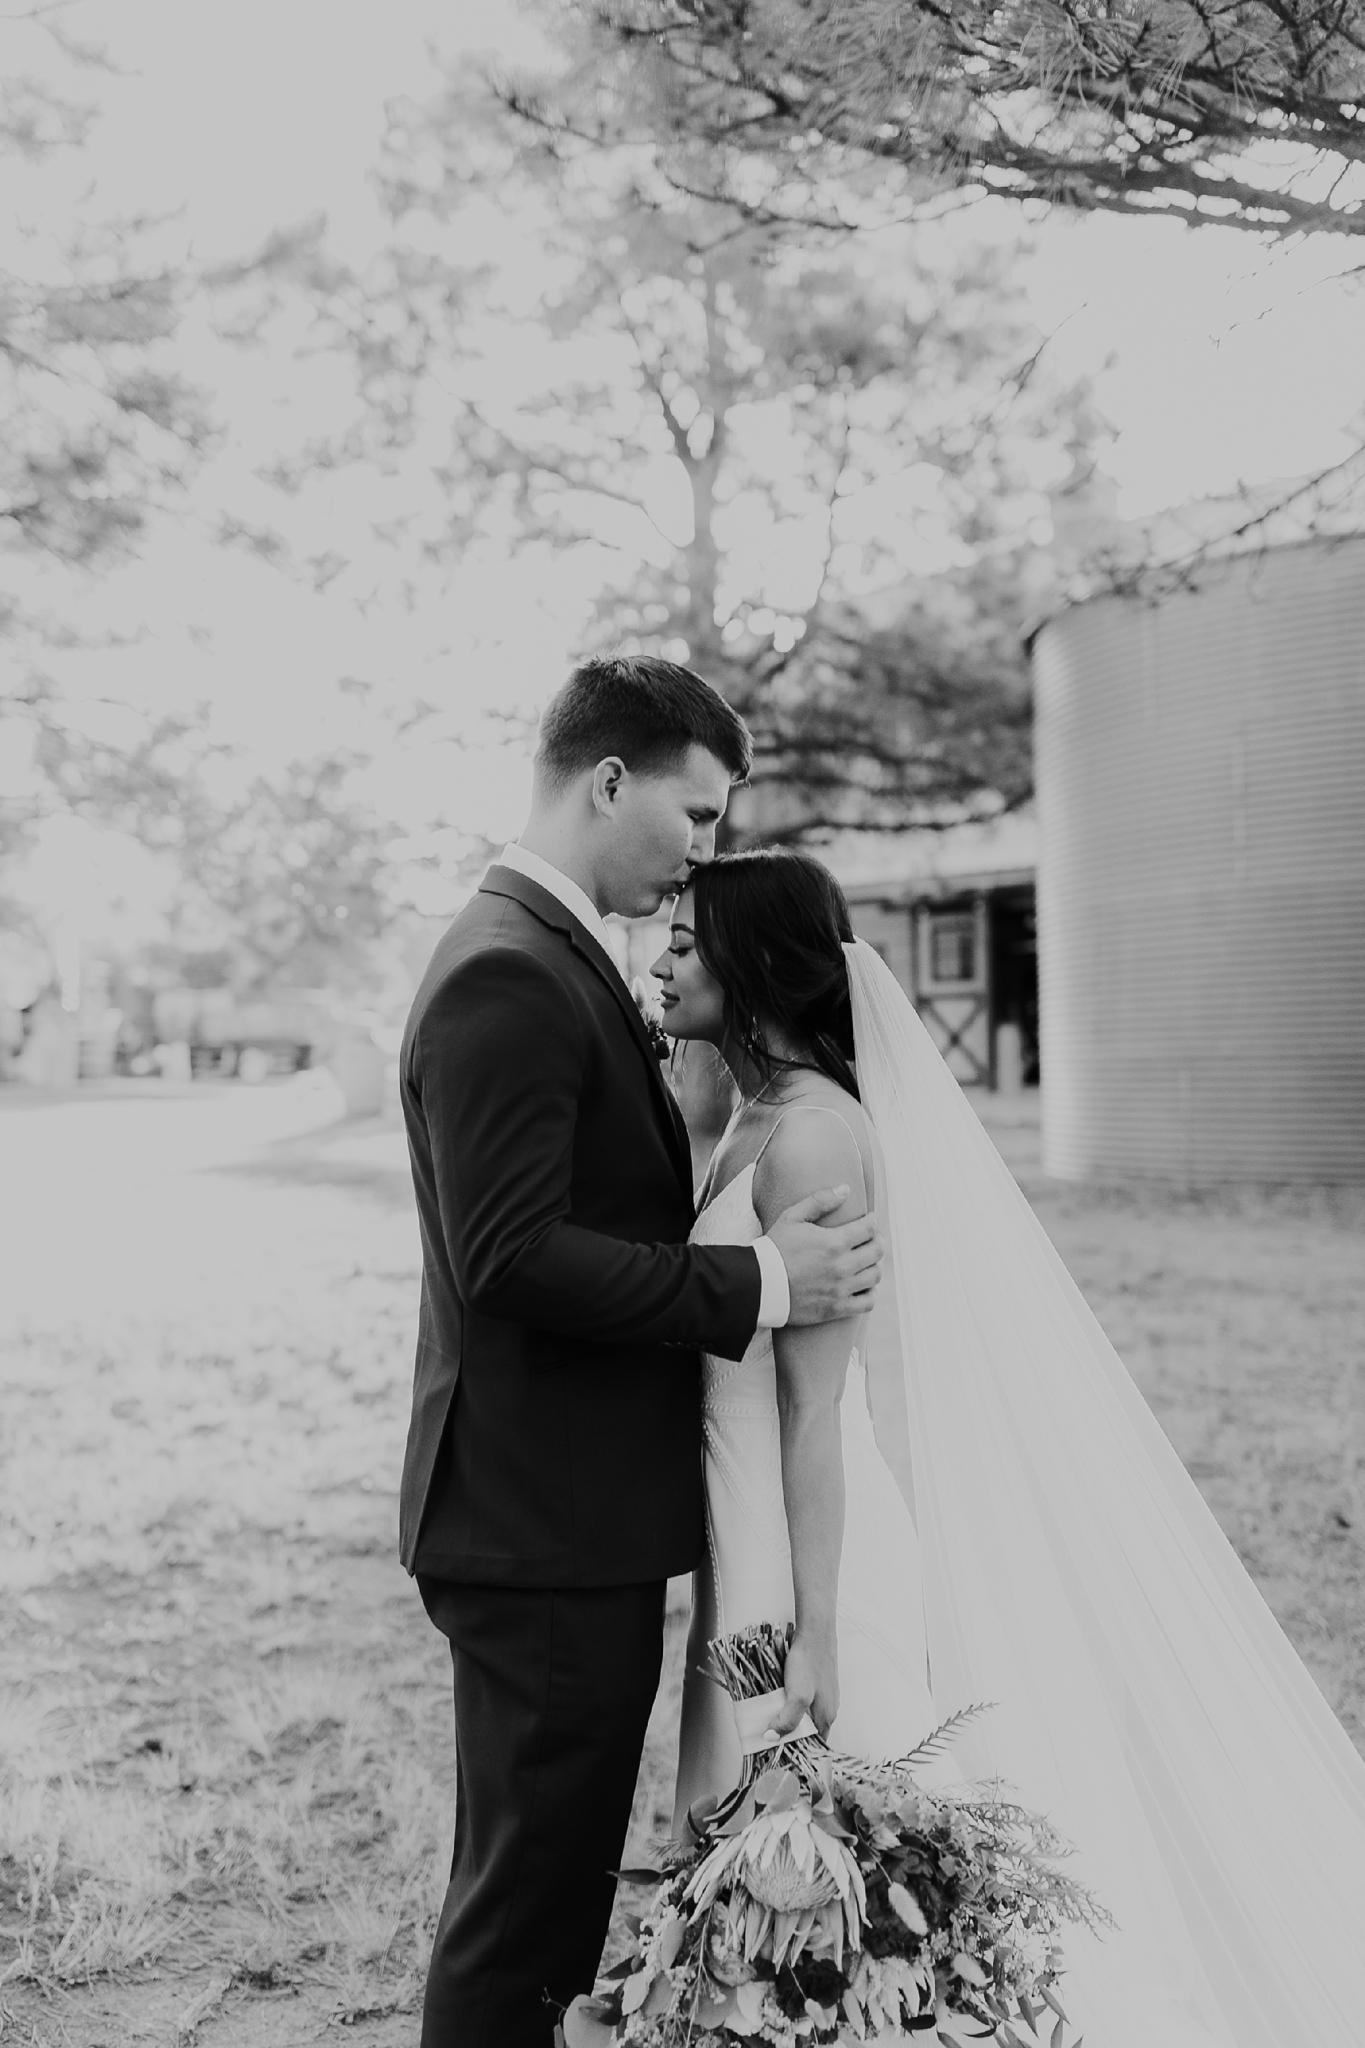 Alicia+lucia+photography+-+albuquerque+wedding+photographer+-+santa+fe+wedding+photography+-+new+mexico+wedding+photographer+-+new+mexico+wedding+-+new+mexico+wedding+-+barn+wedding+-+enchanted+vine+barn+wedding+-+ruidoso+wedding_0127.jpg